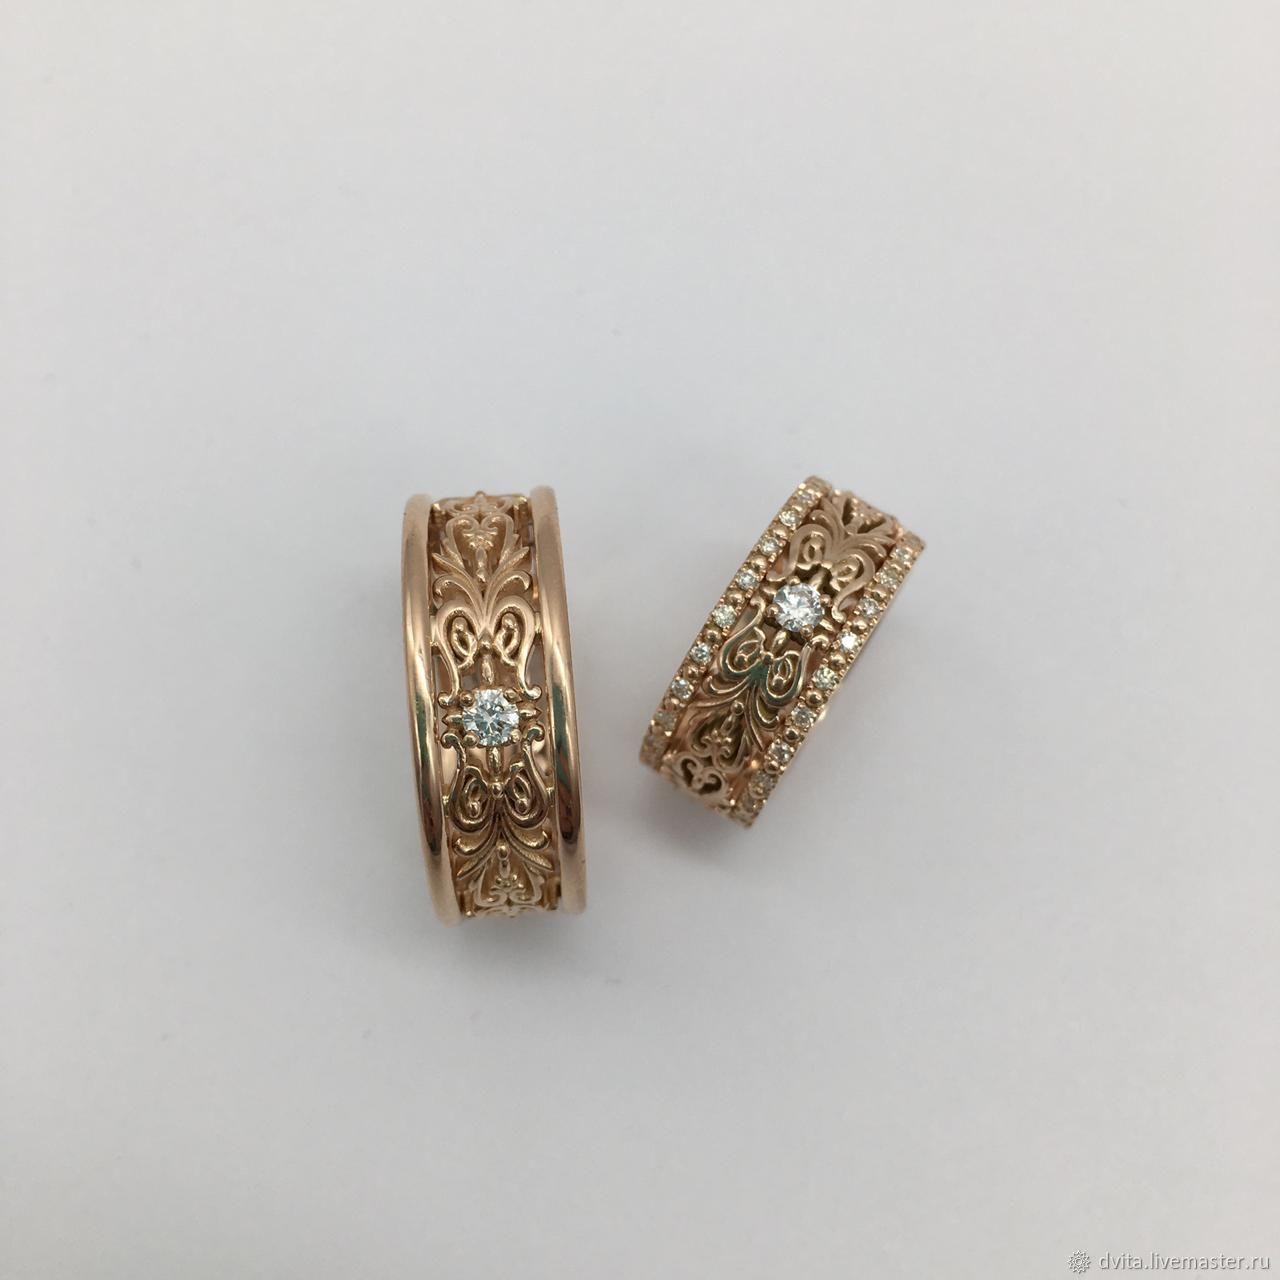 Обручальные кольца ажурные из золота с бриллиантами, Кольца, Санкт-Петербург,  Фото №1